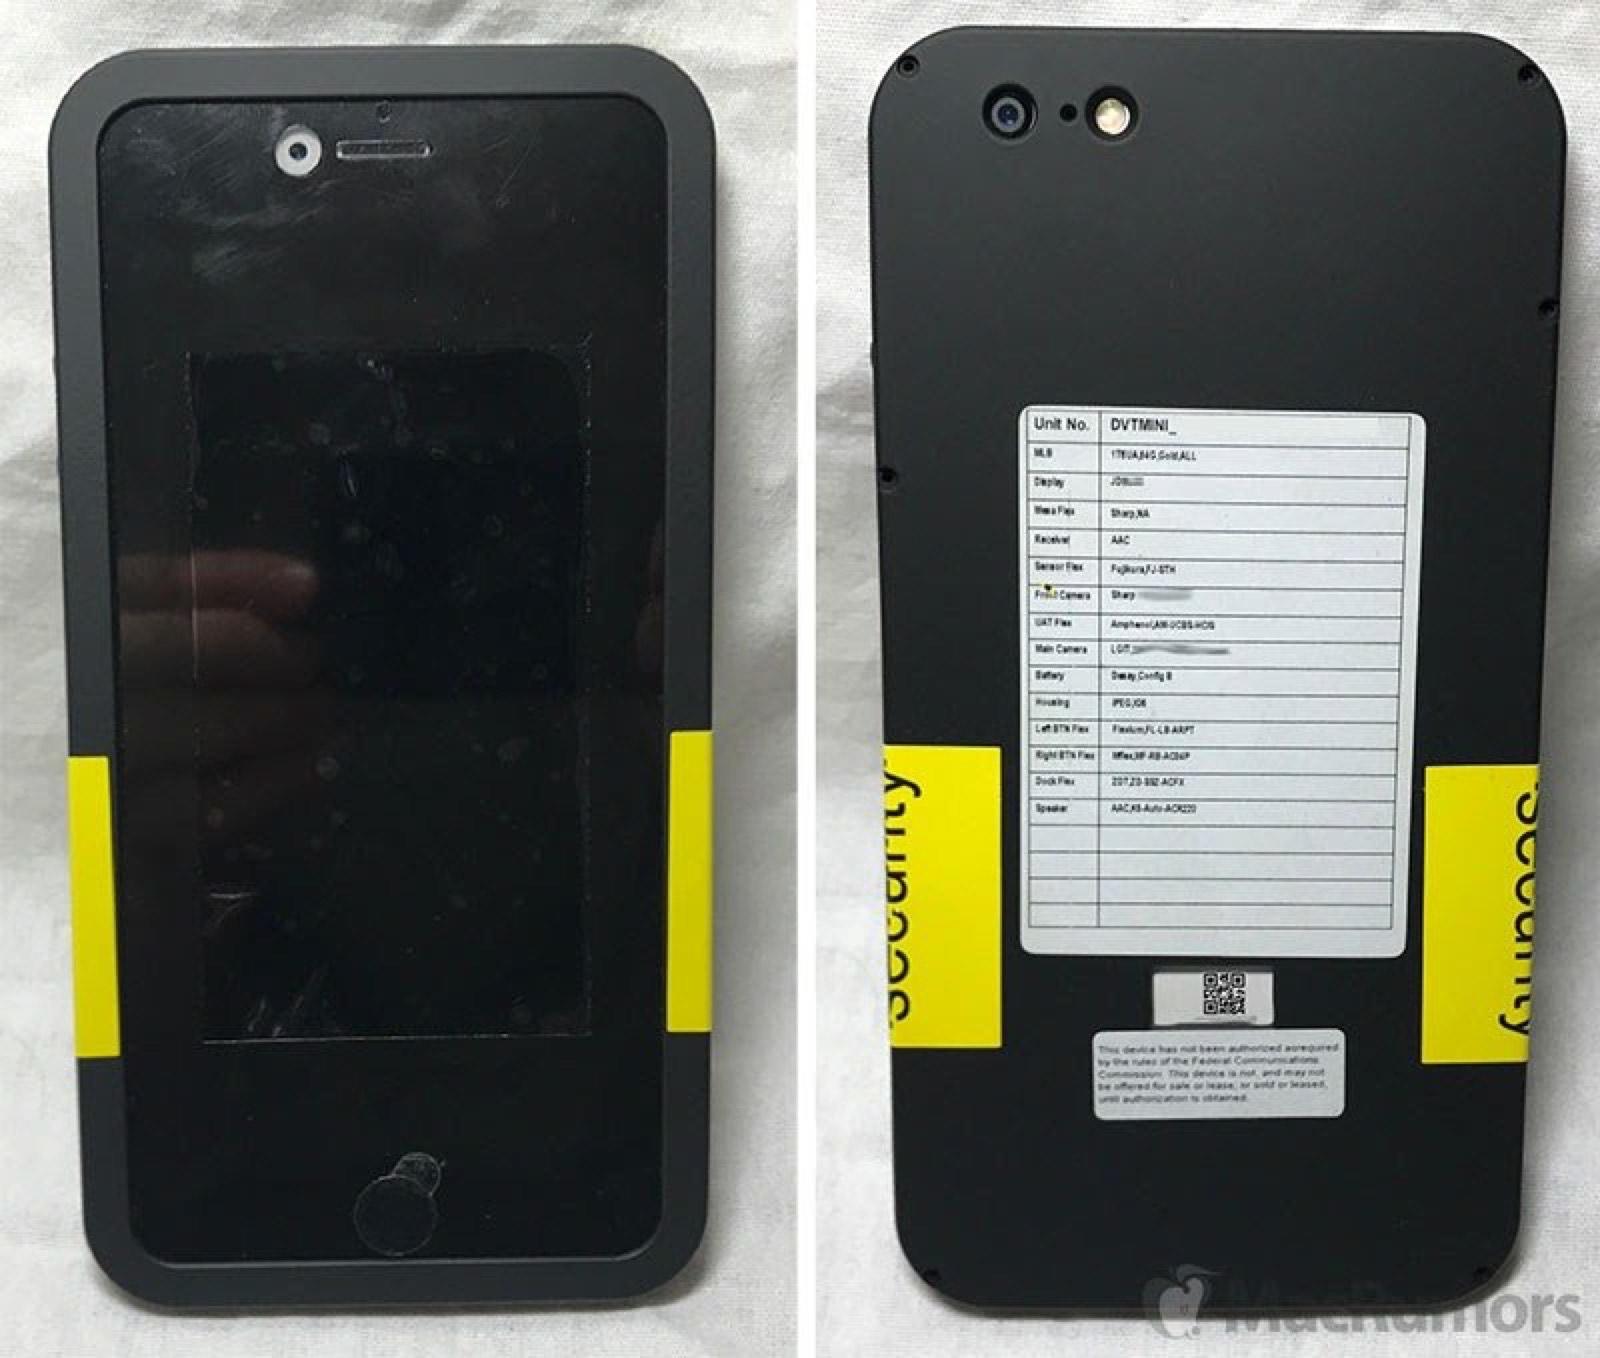 iPhone Prototype case